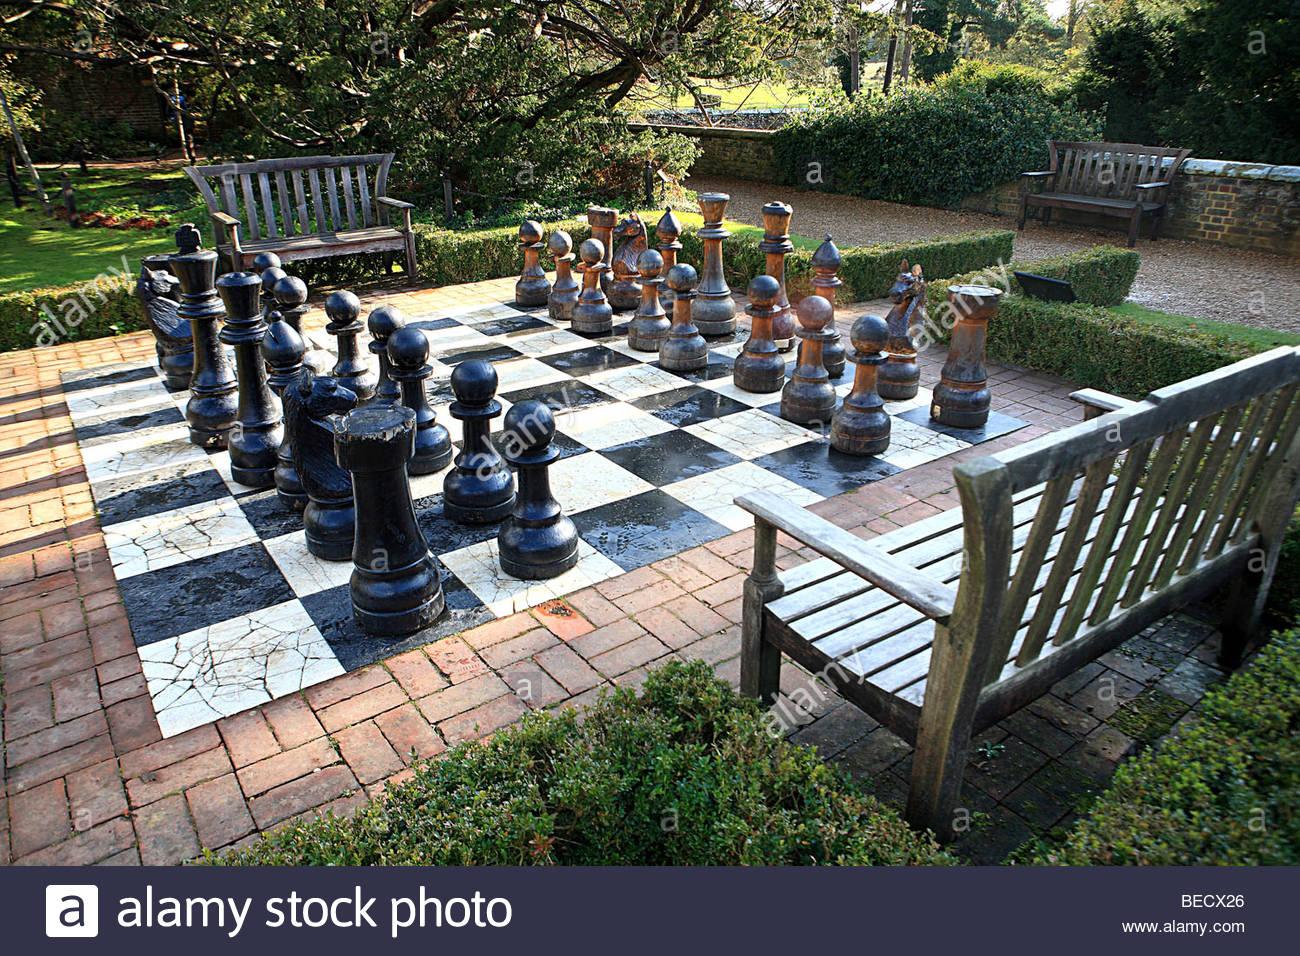 England kent groombridge place the enchanted forest chess game england kent groombridge place the enchanted forest chess game workwithnaturefo